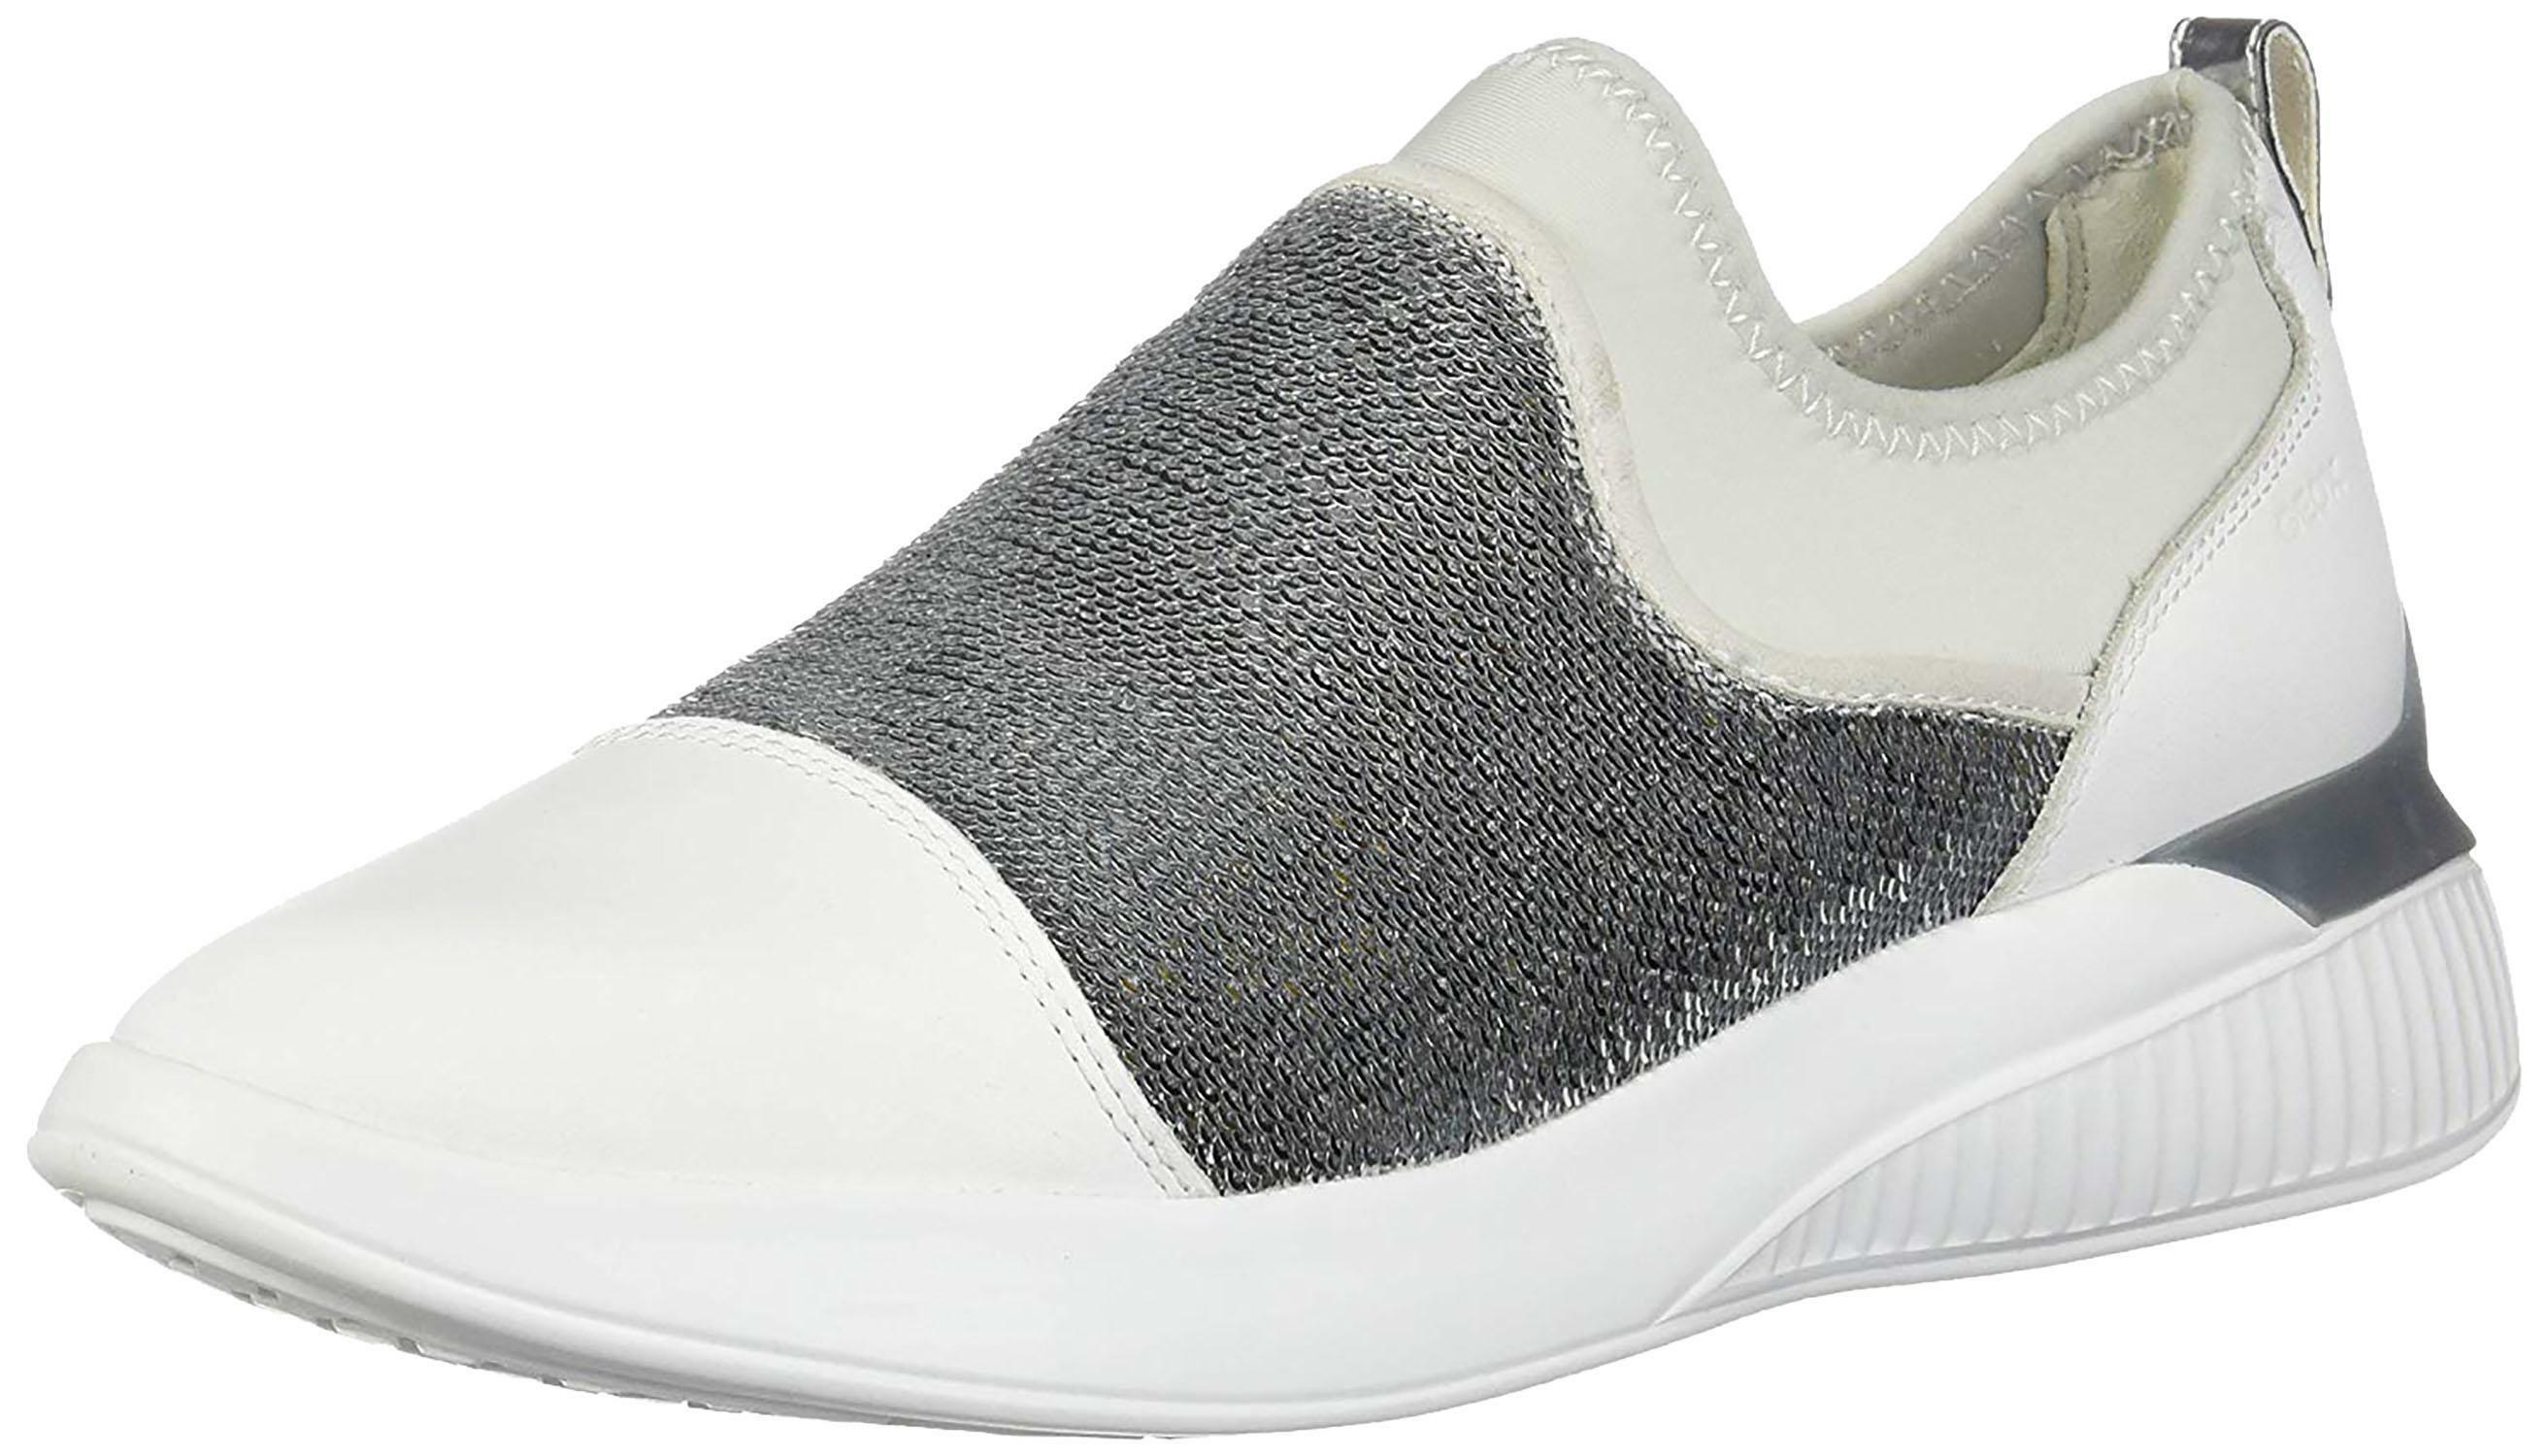 scarpe geox 38 bianche in vendita   eBay